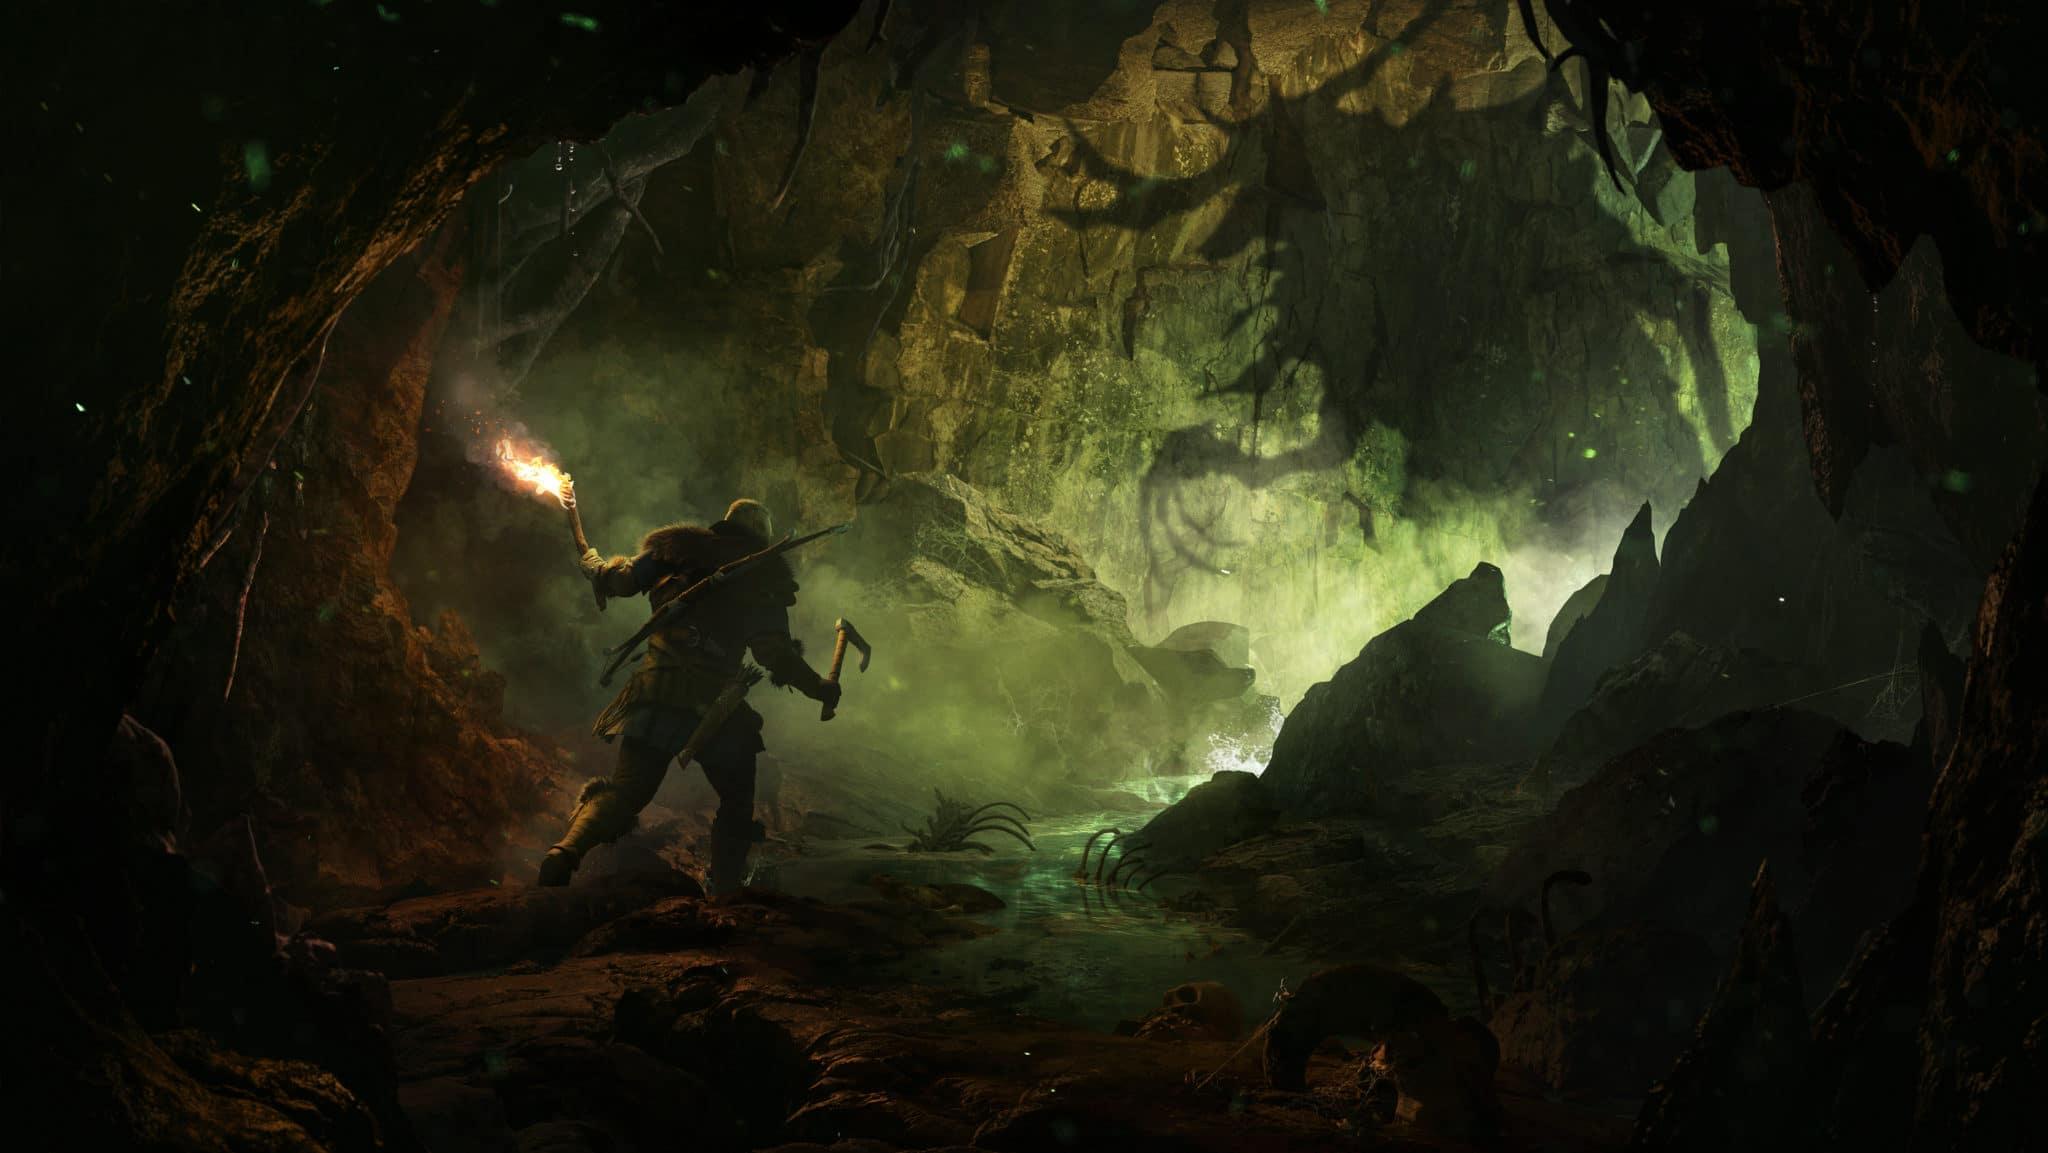 Assassin's Creed Valhalla: Ce seront les ajouts post-lancement